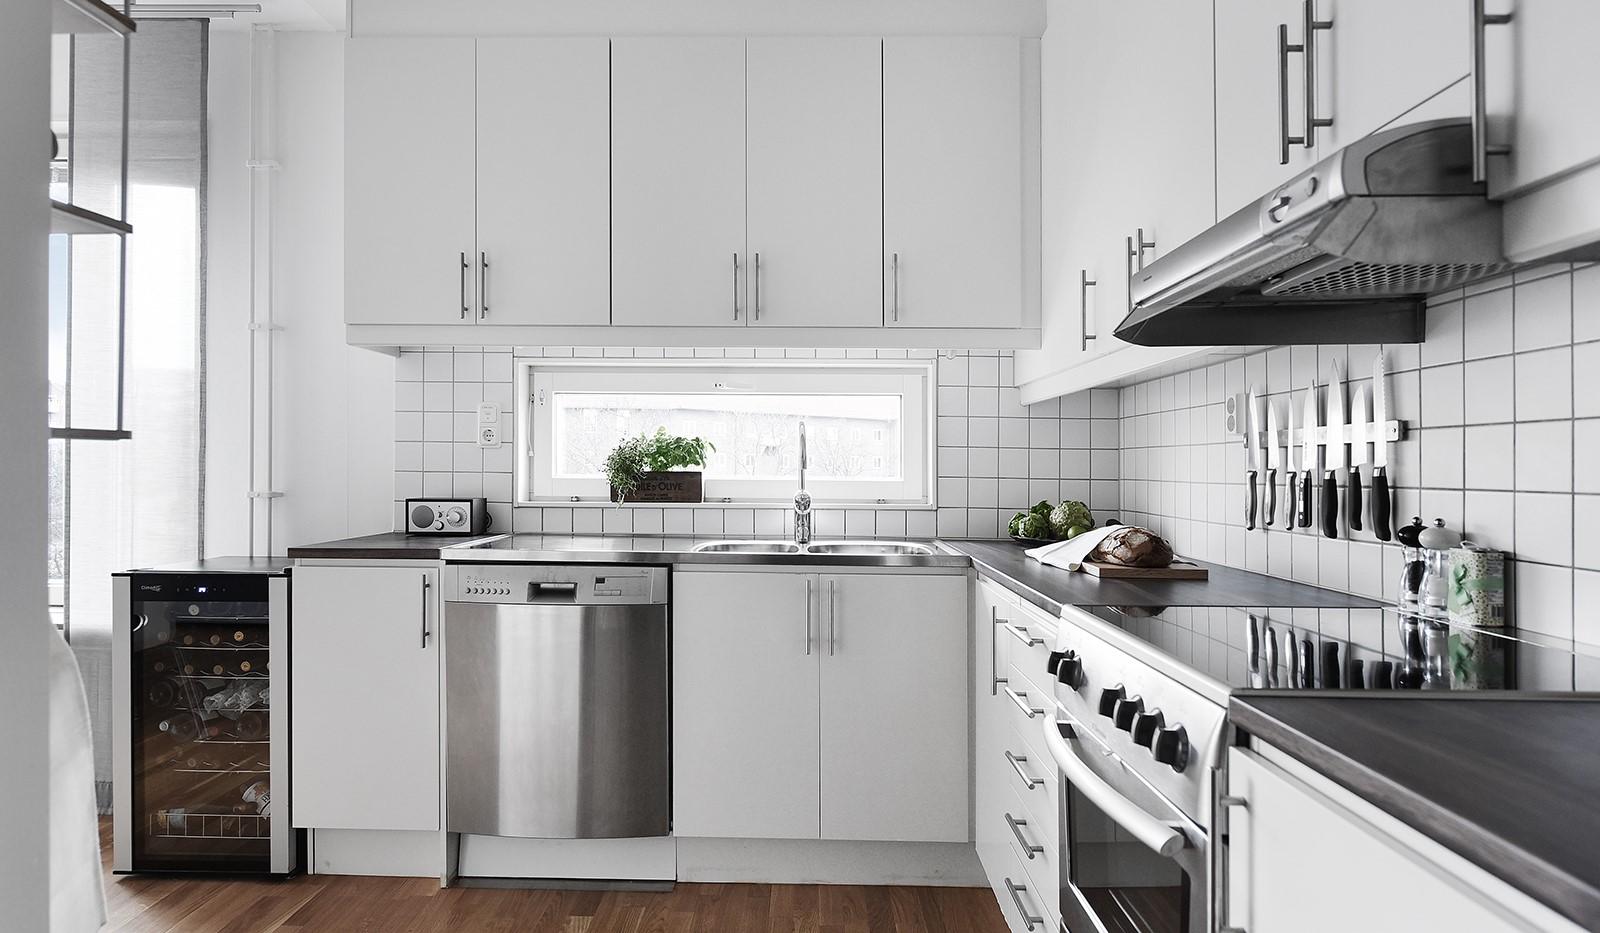 Liljeholmstorget 18, 3 tr - Härligt ljusinsläpp även i köket